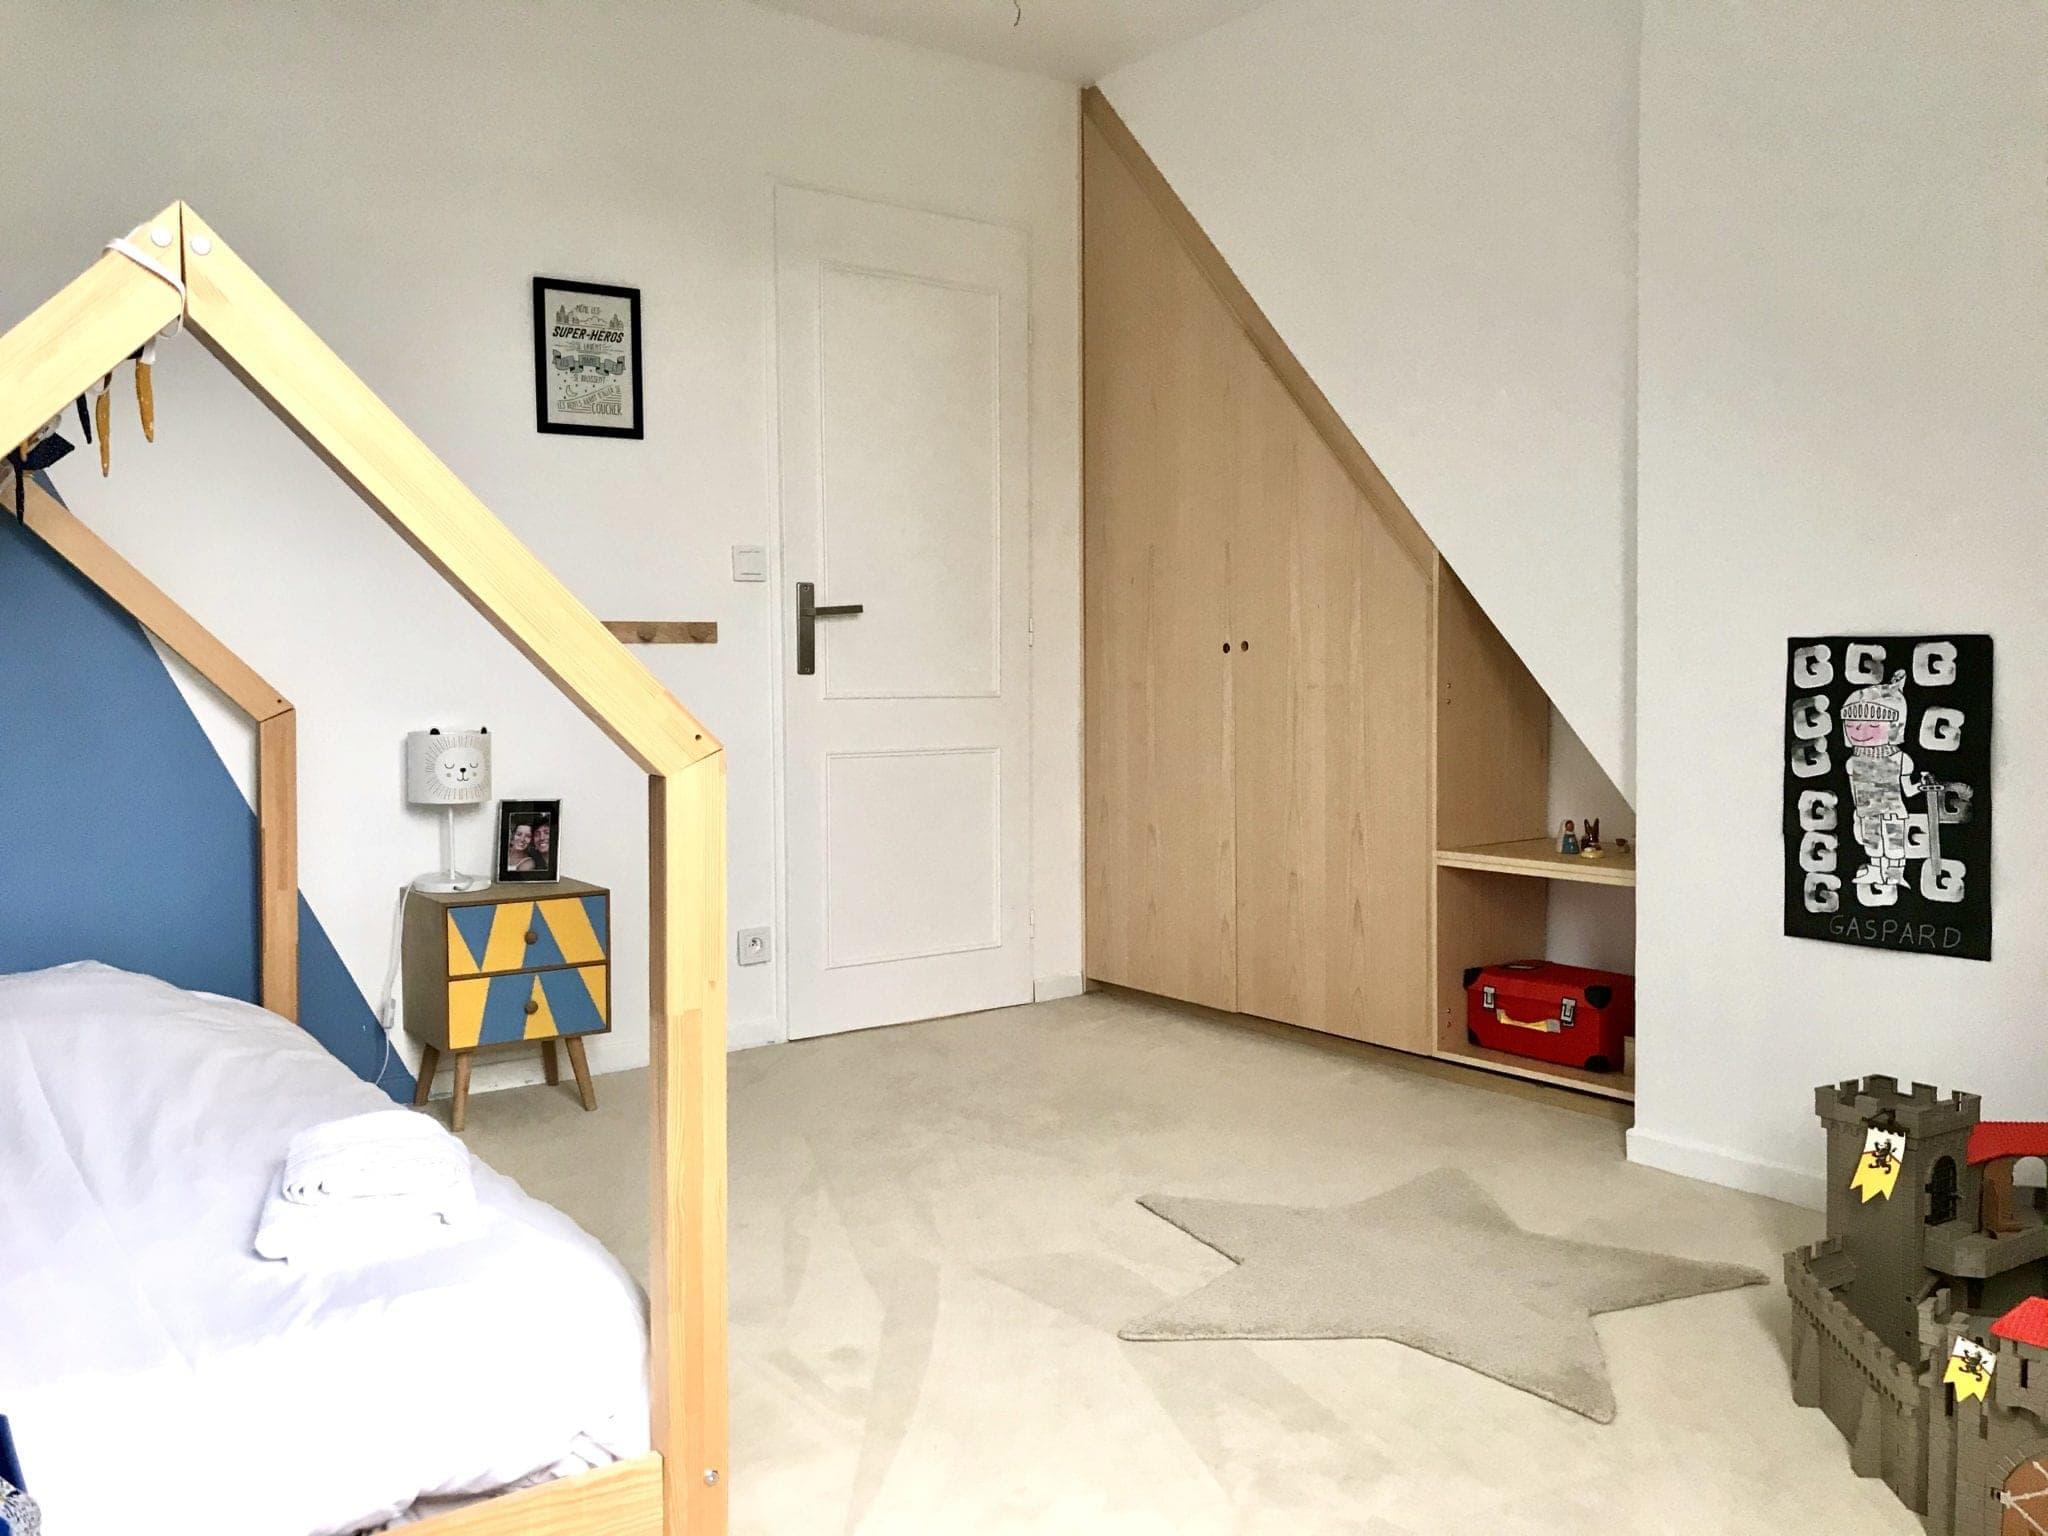 chambre d'enfant avec menuiseries intérieurs sur mesure pour habiller la descente d'escalier